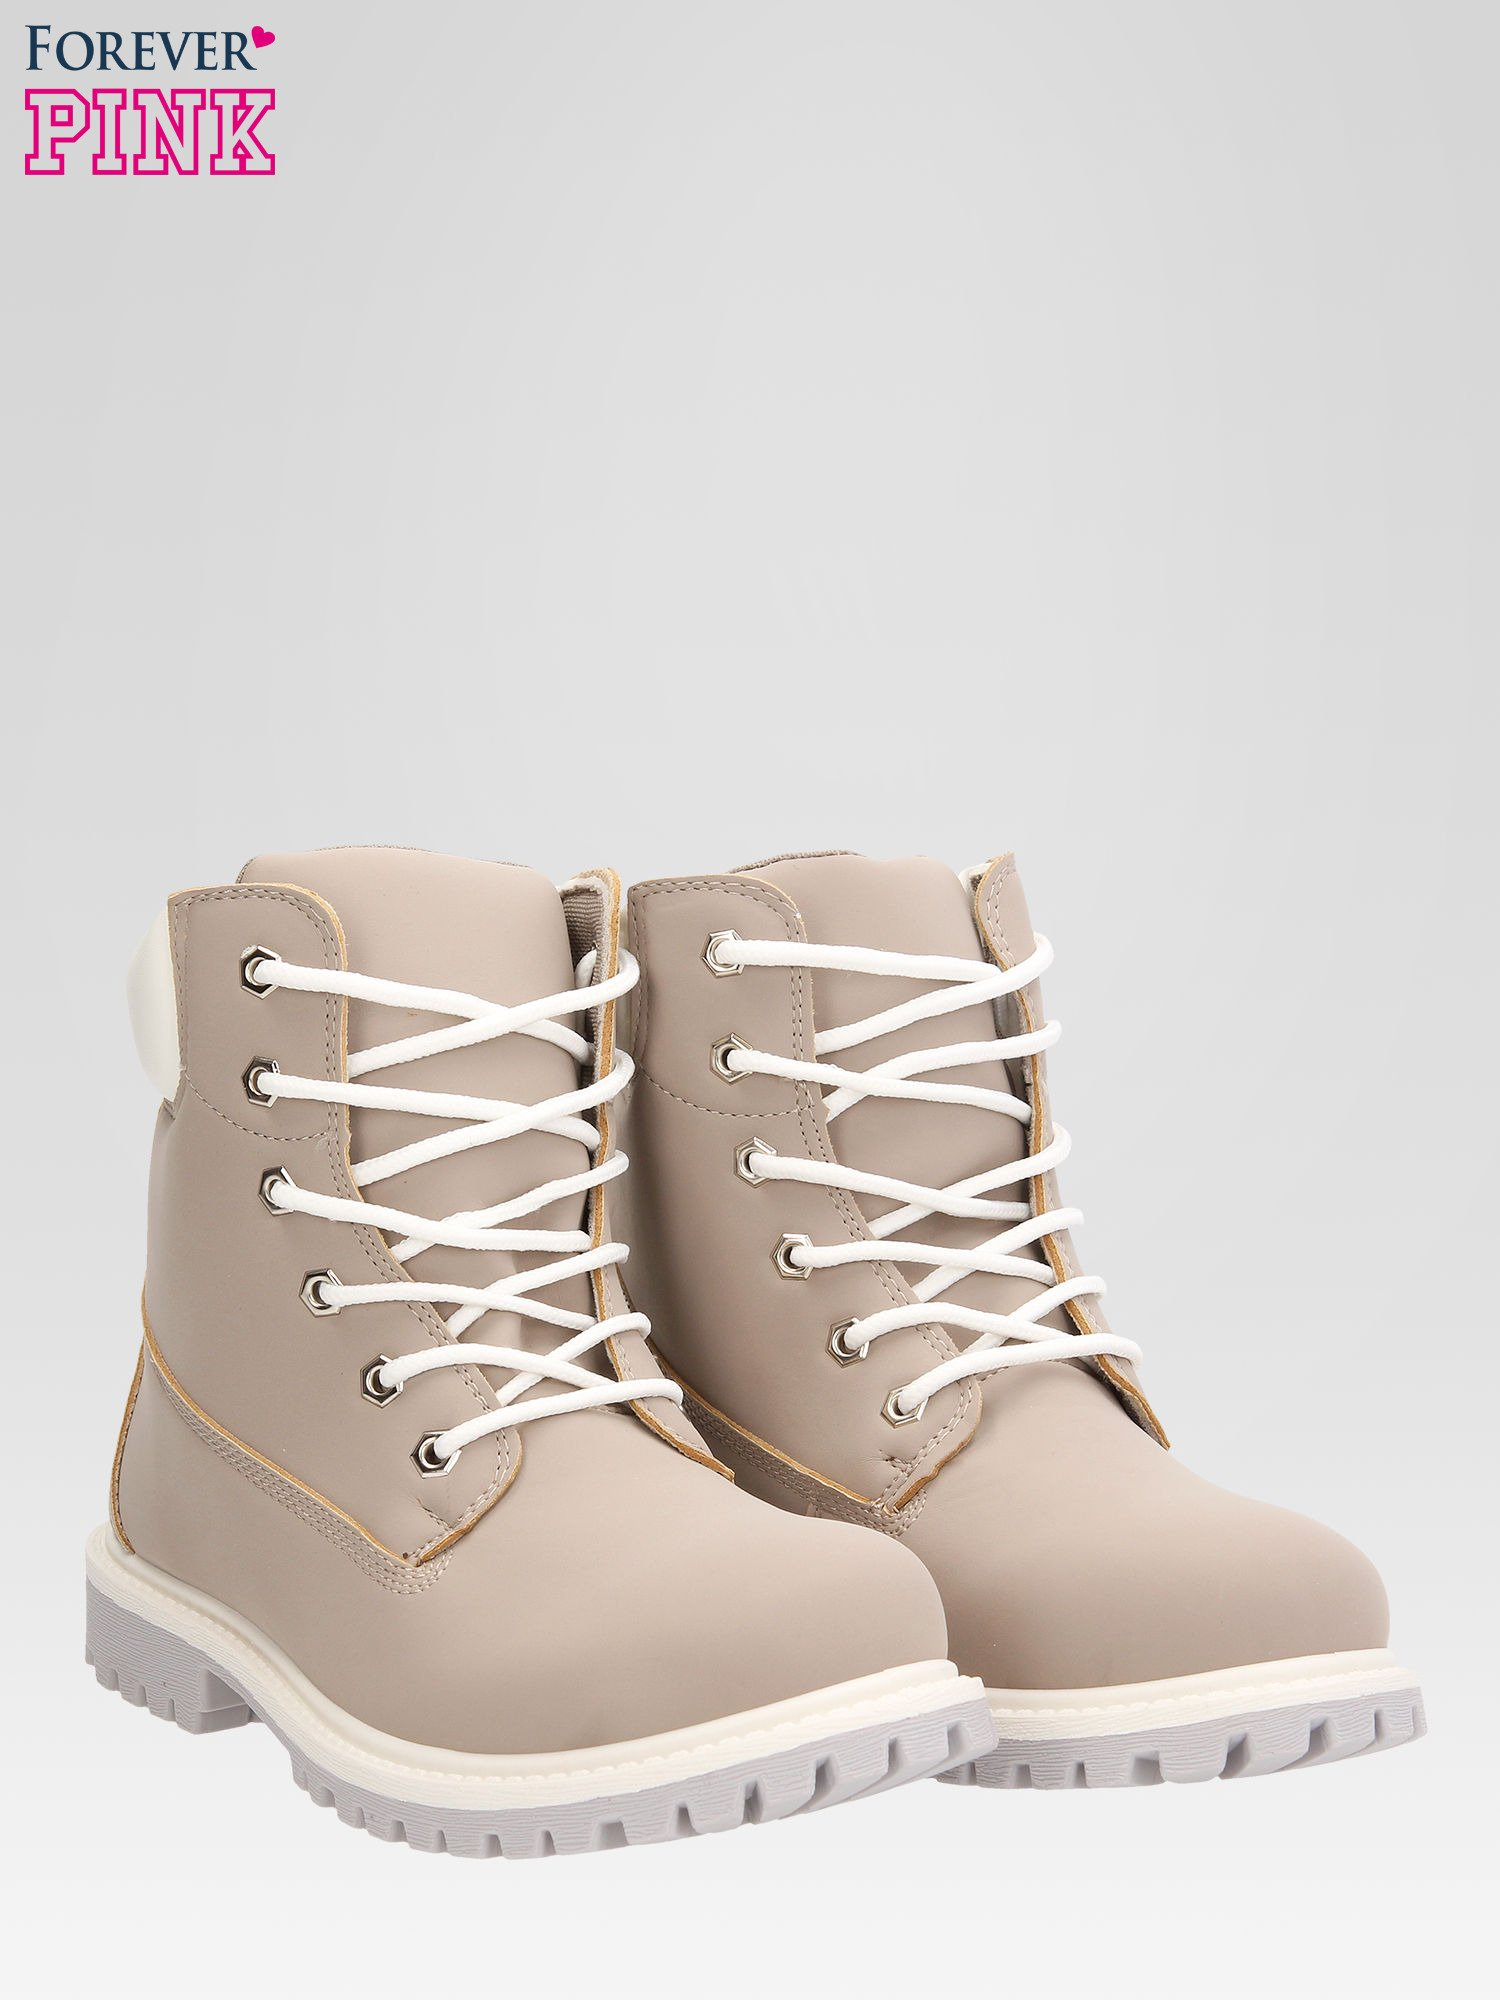 Szare buty trekkingowe damskie traperki                                  zdj.                                  2